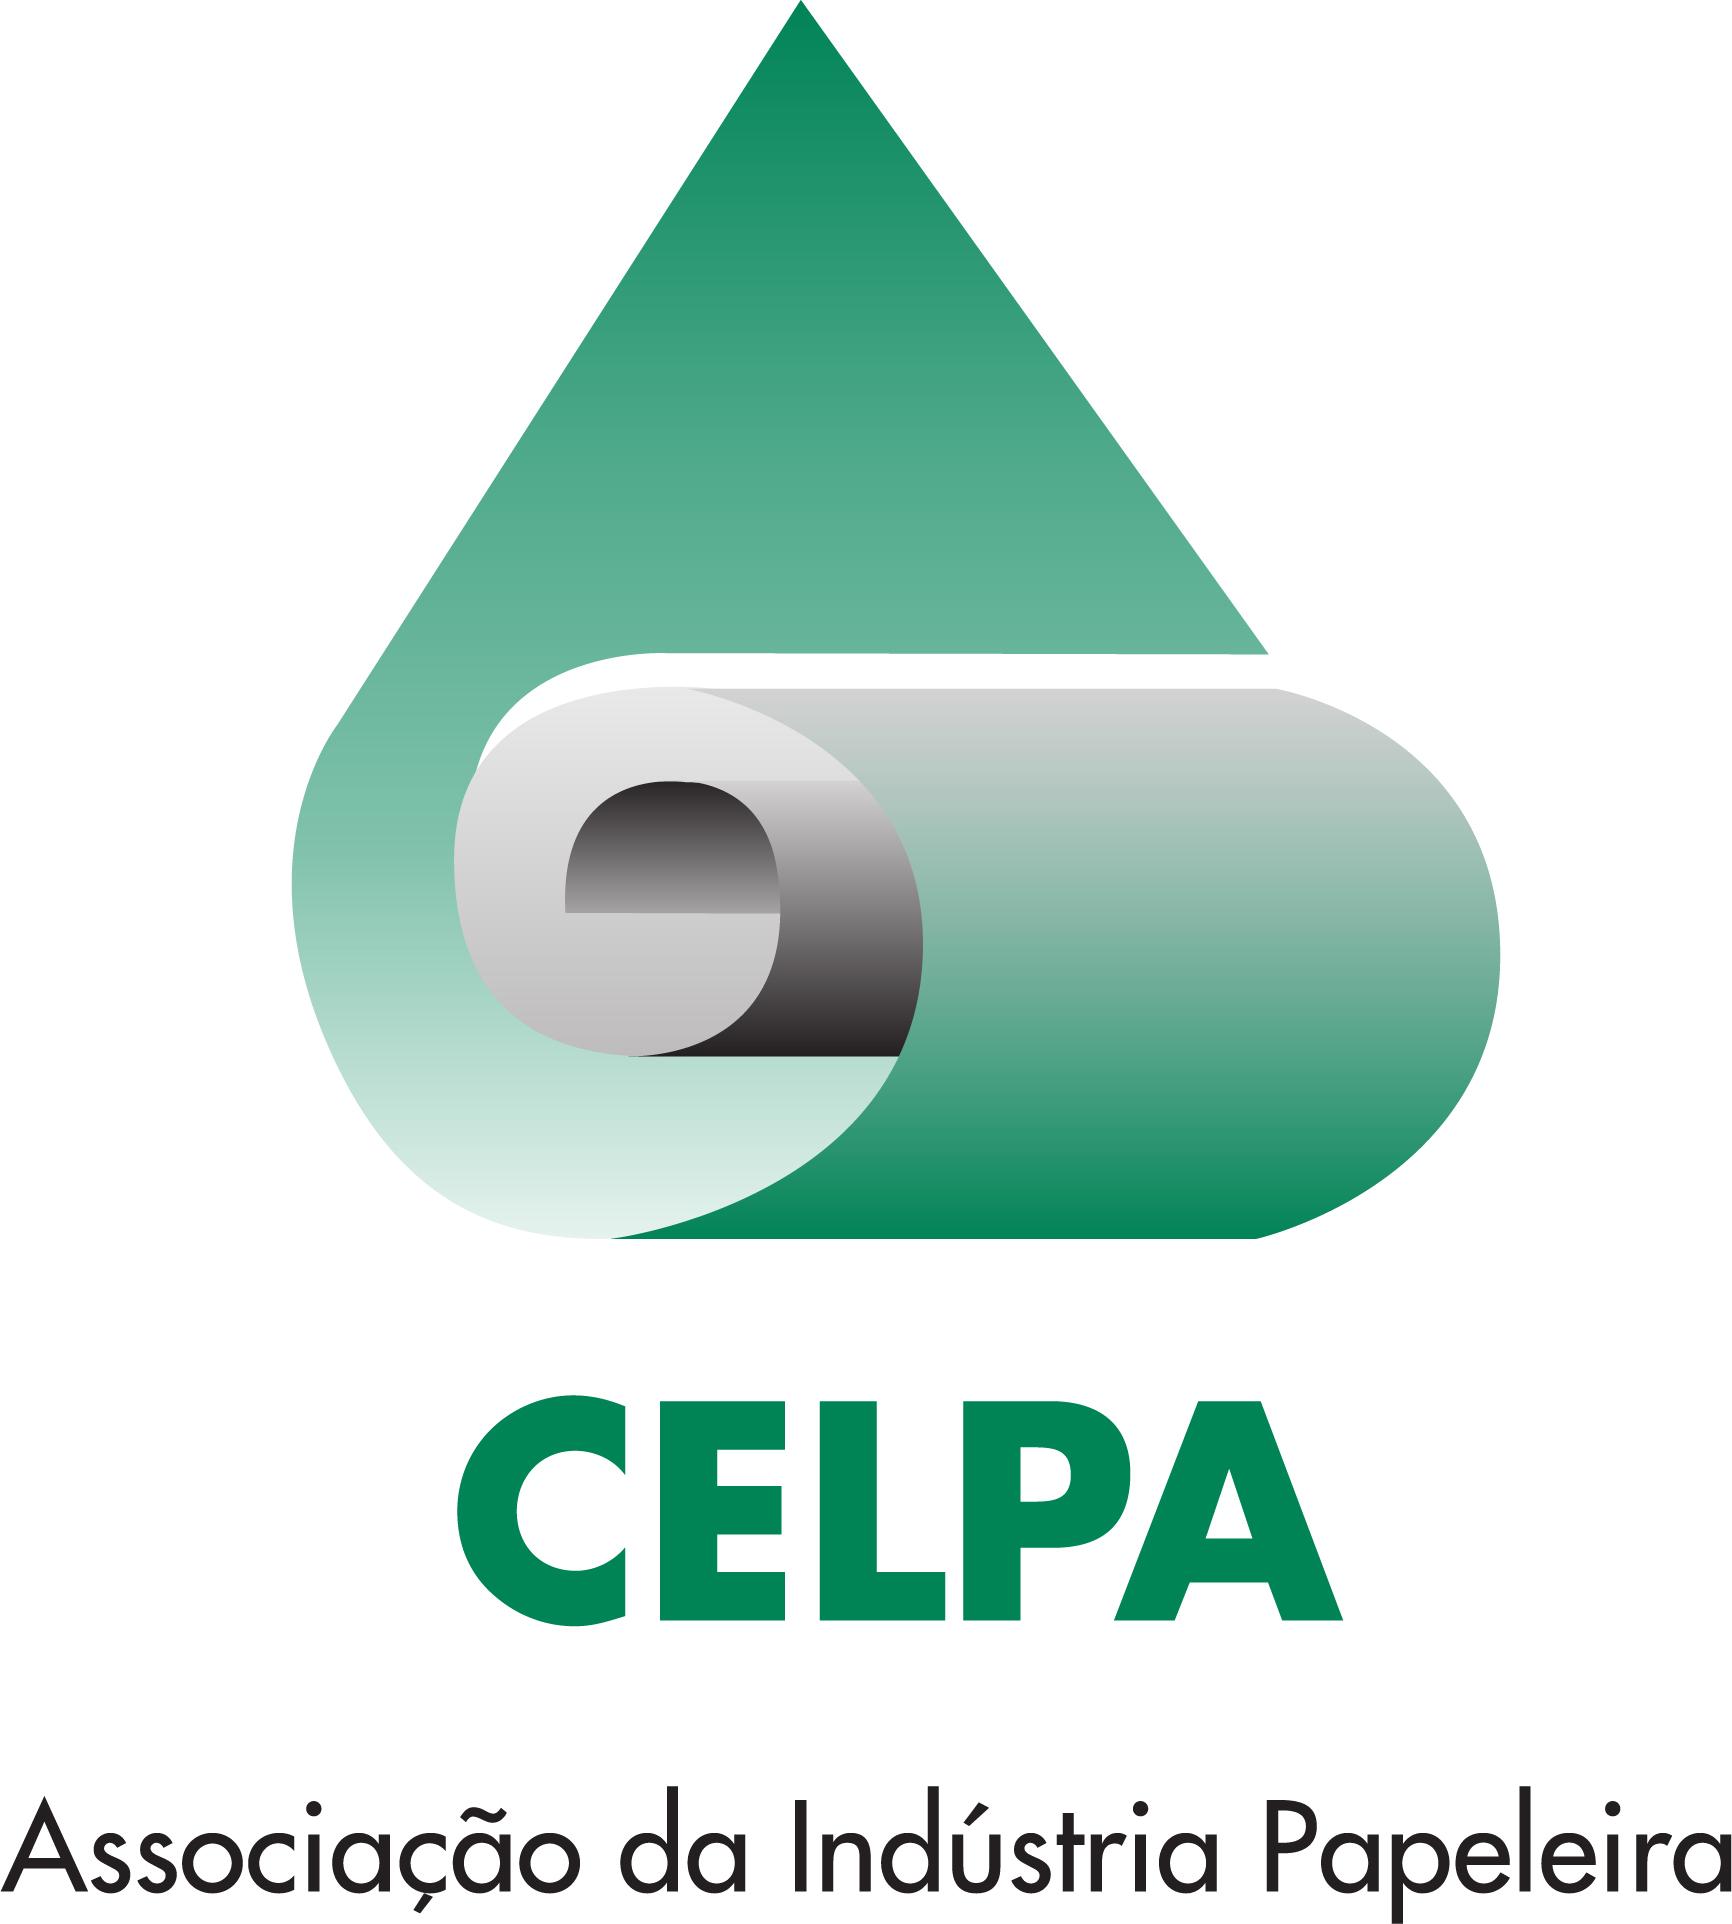 CELPA - Associação da Indústria Papeleira